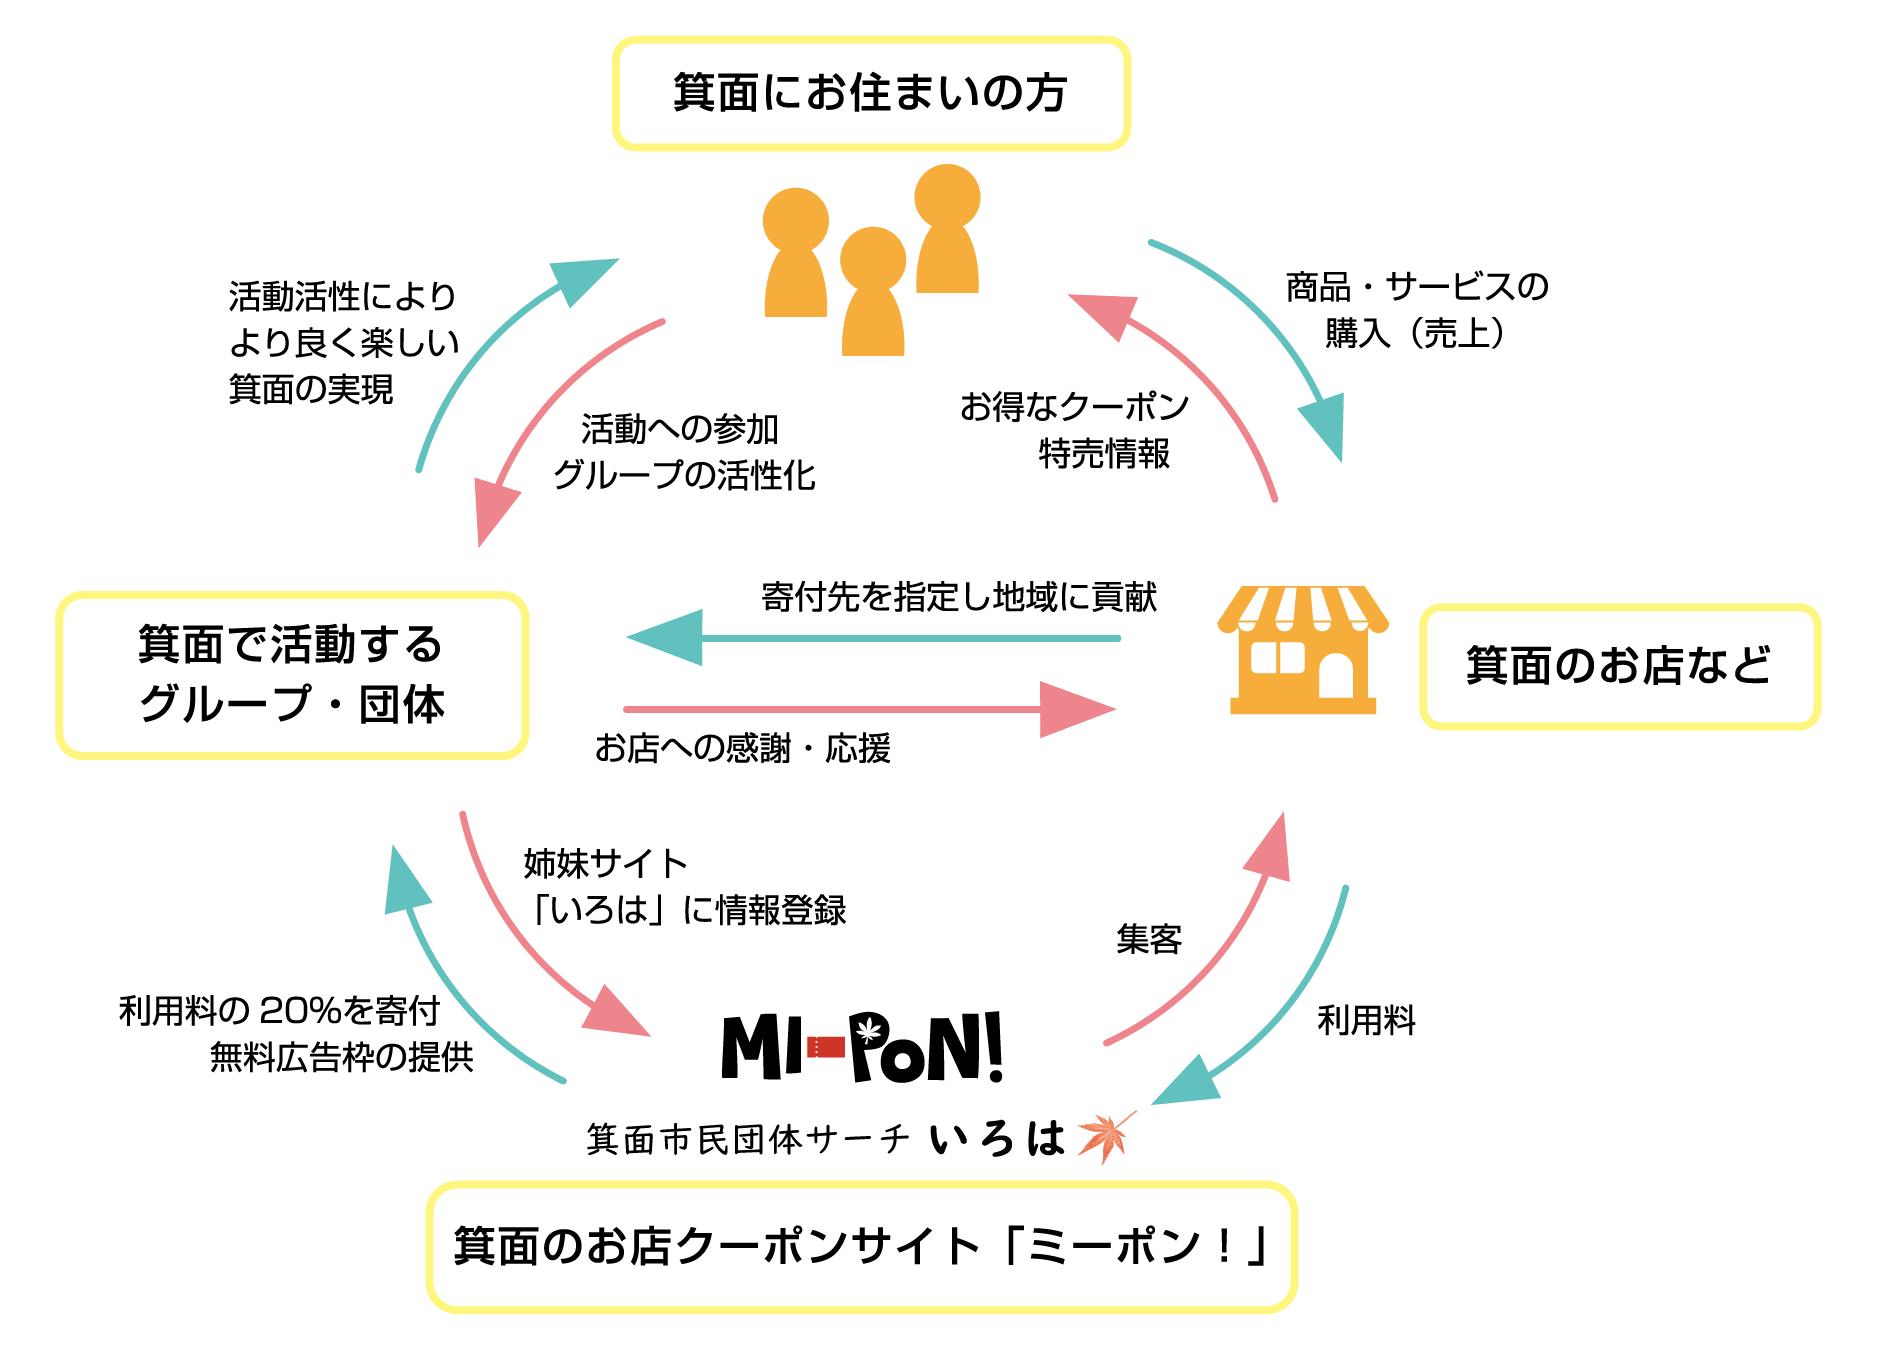 ミーポン!の支援システム